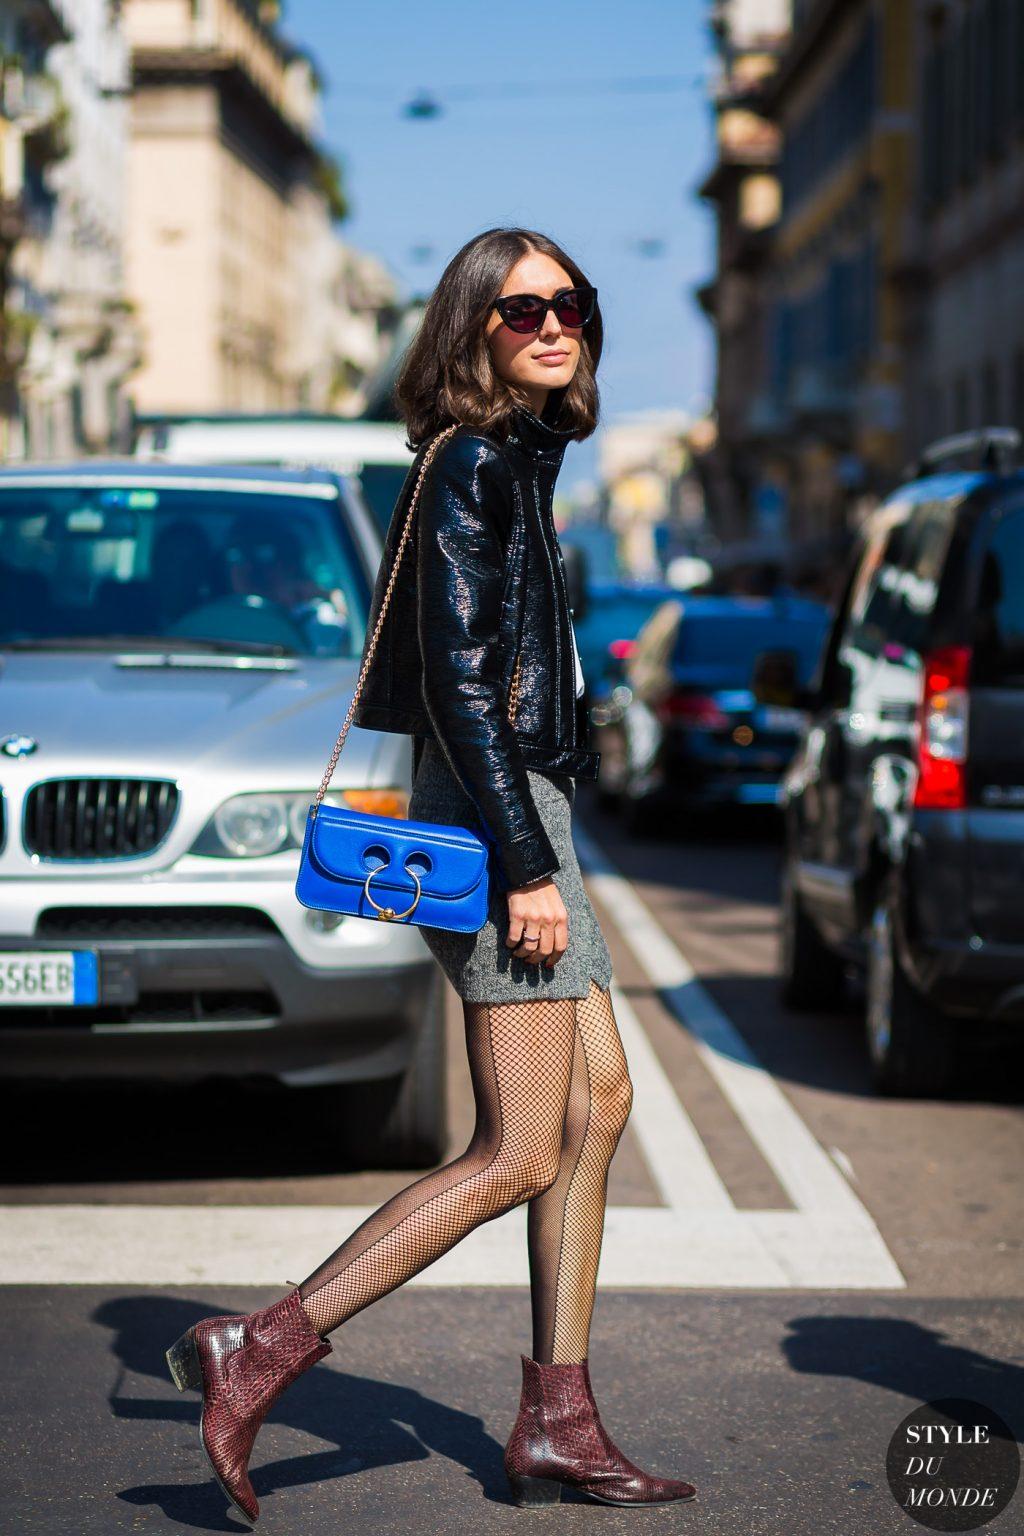 Điểm danh 3 xu hướng thời trang không thể bỏ lỡ của Thu Đông năm nay